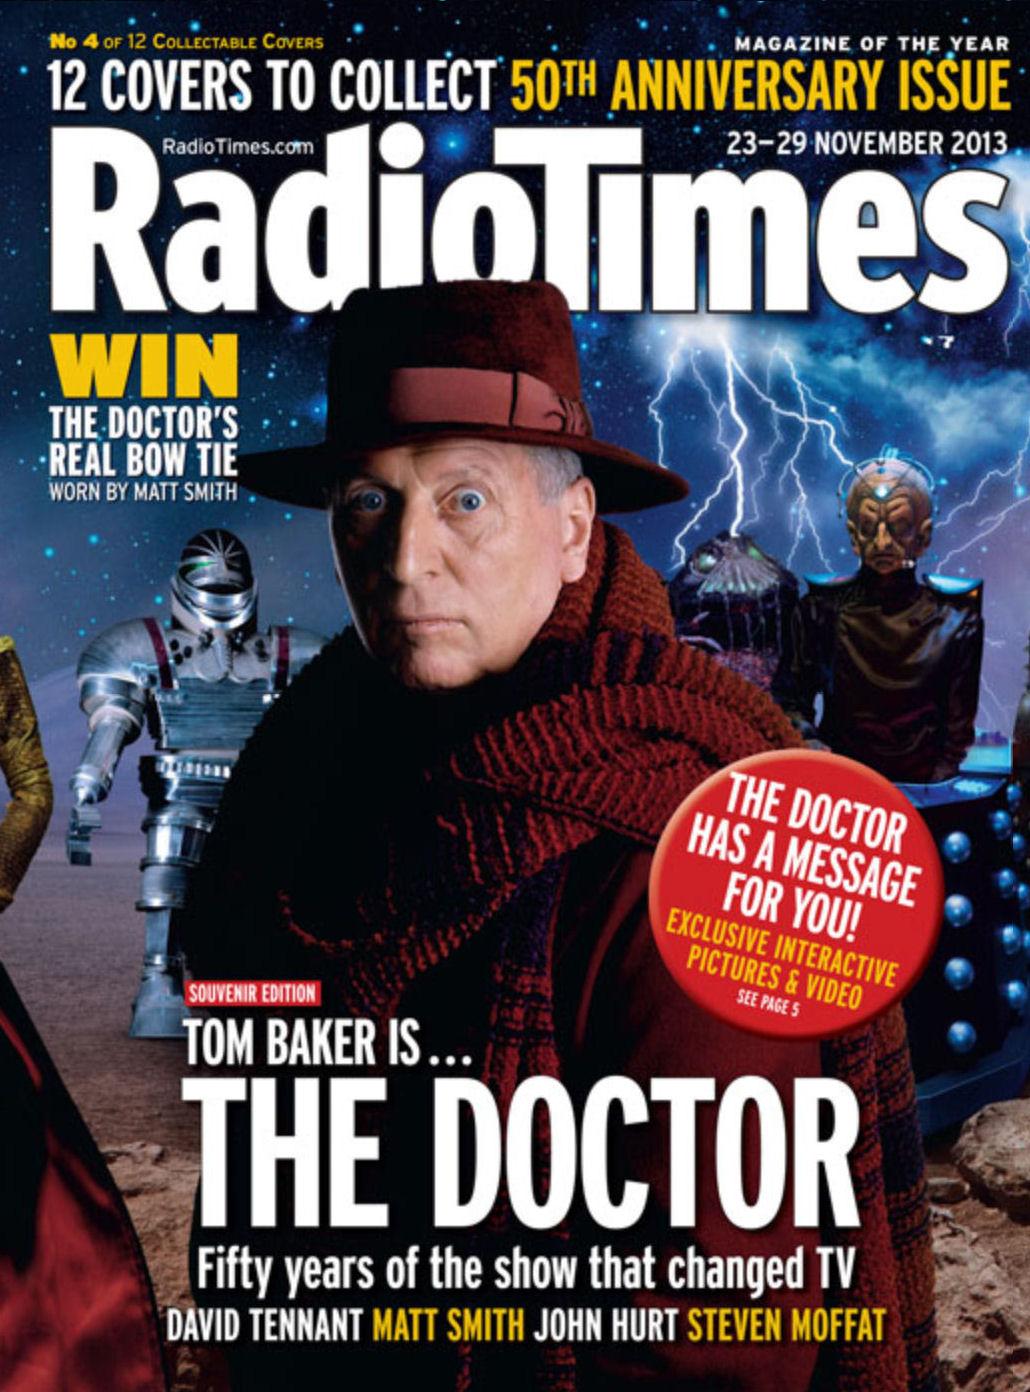 Radio Times 50th Anniversary Covers Planet Mondasplanet